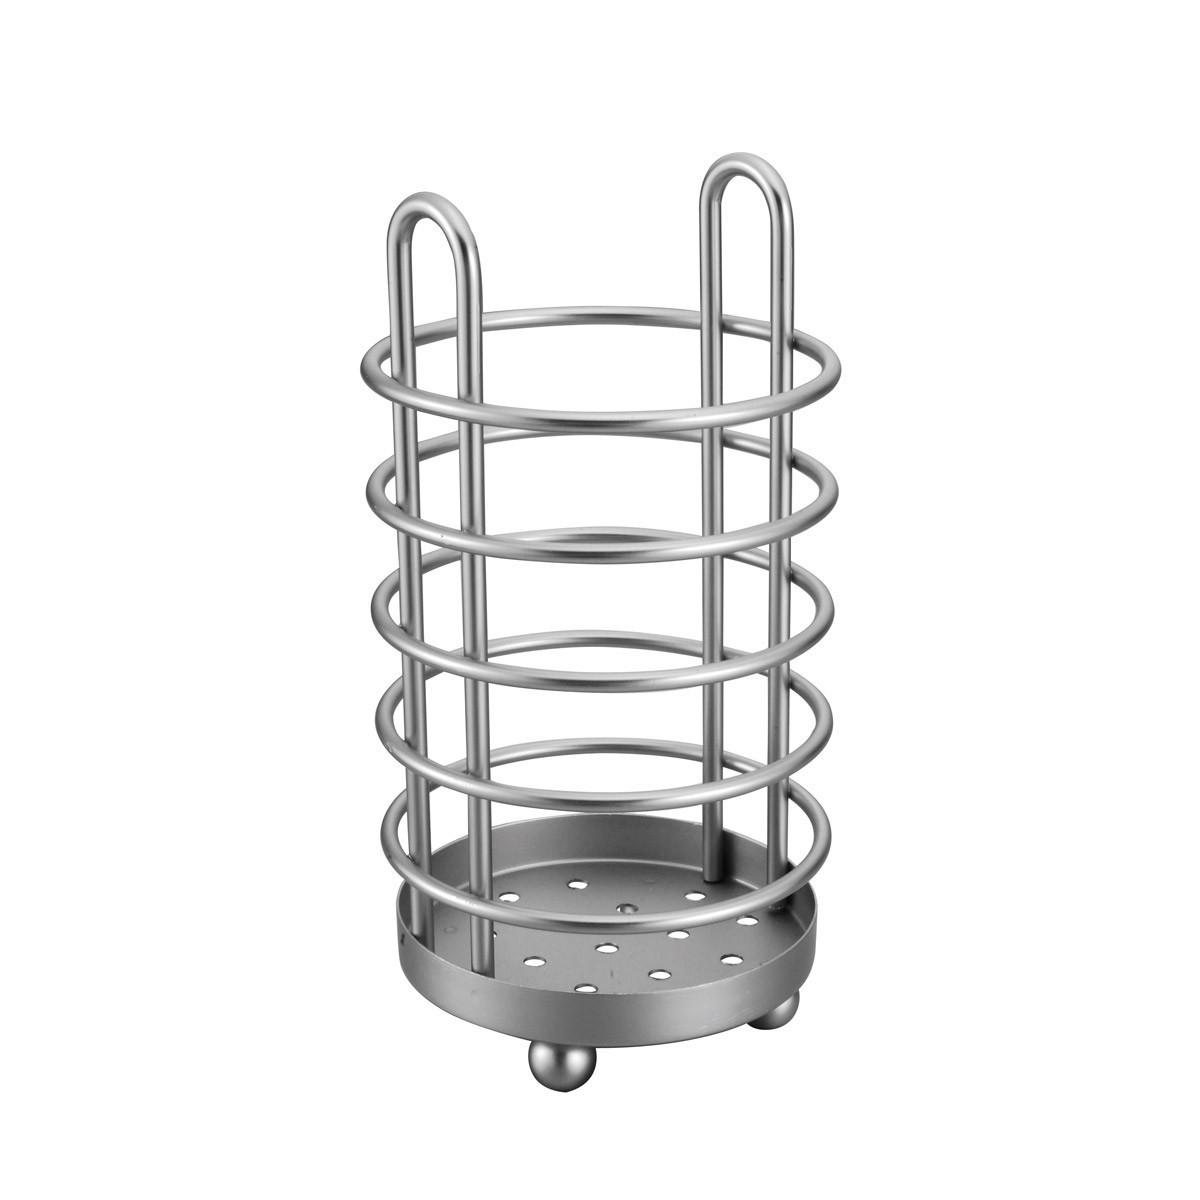 Κουταλοθήκη - Στραγγιστήρι εstia Nickel 01-1490 home   κουζίνα   τραπεζαρία   οργάνωση κουζίνας